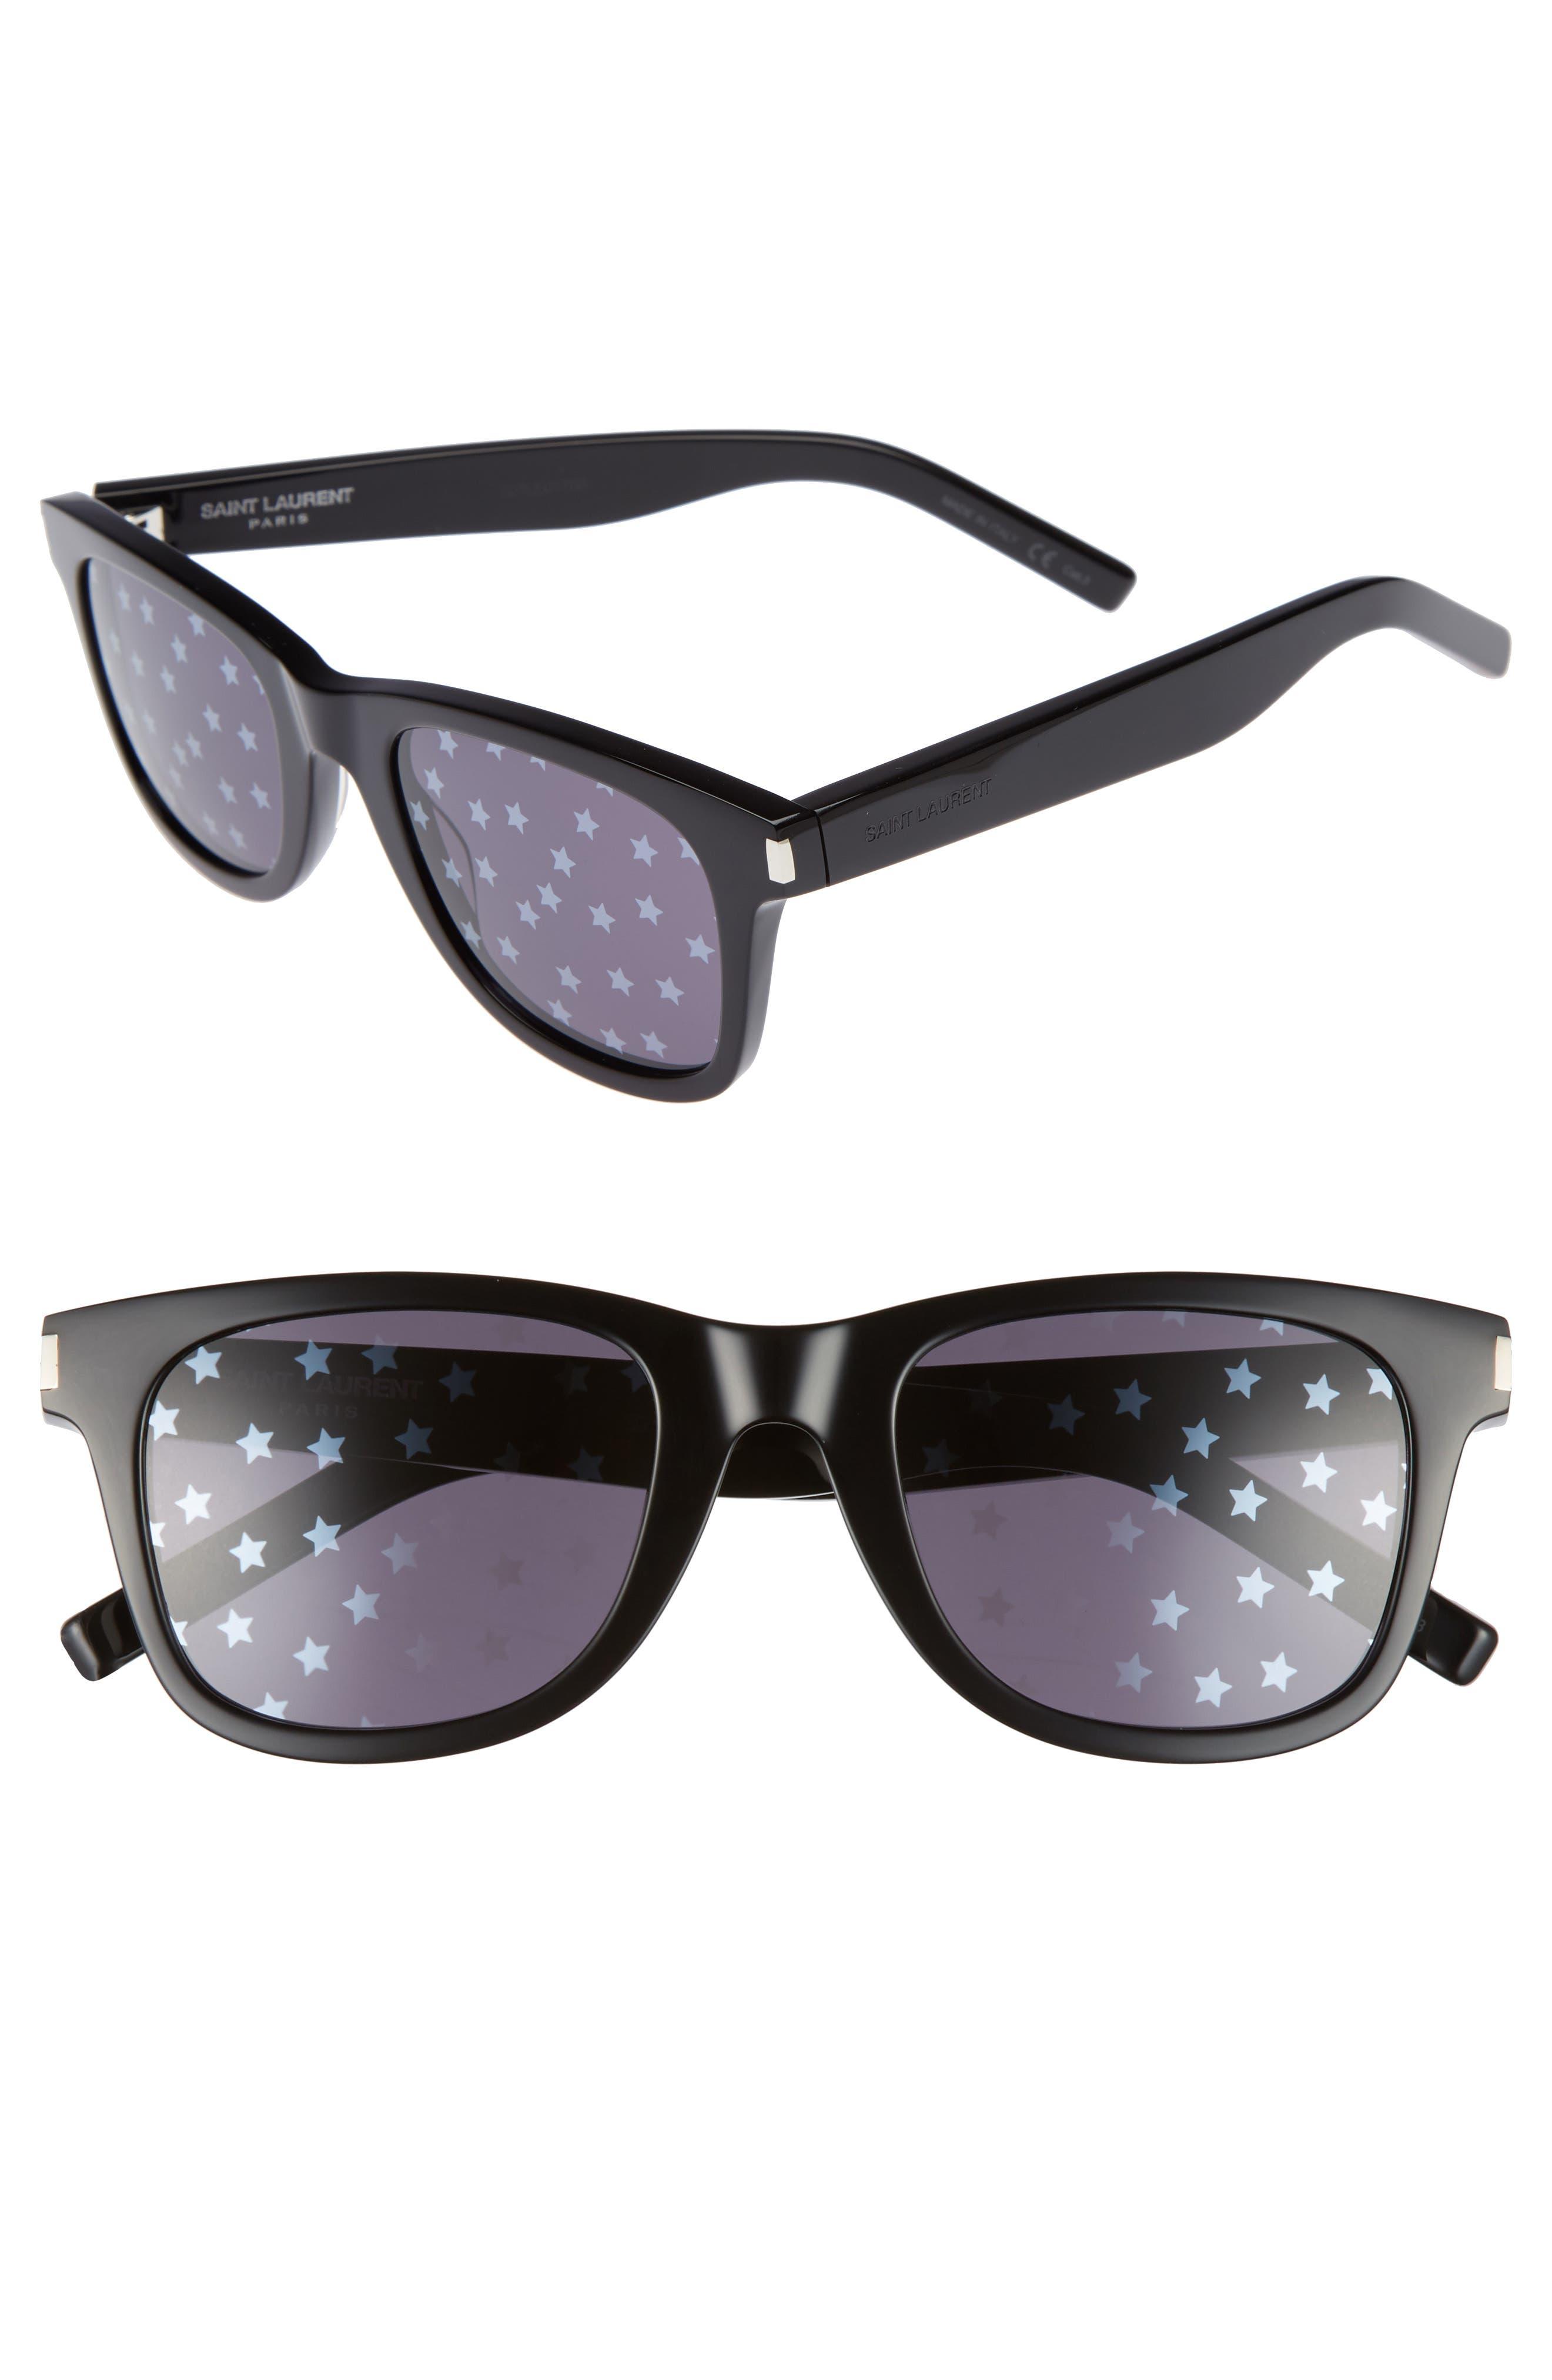 Saint Laurent SL51 50mm Sunglasses